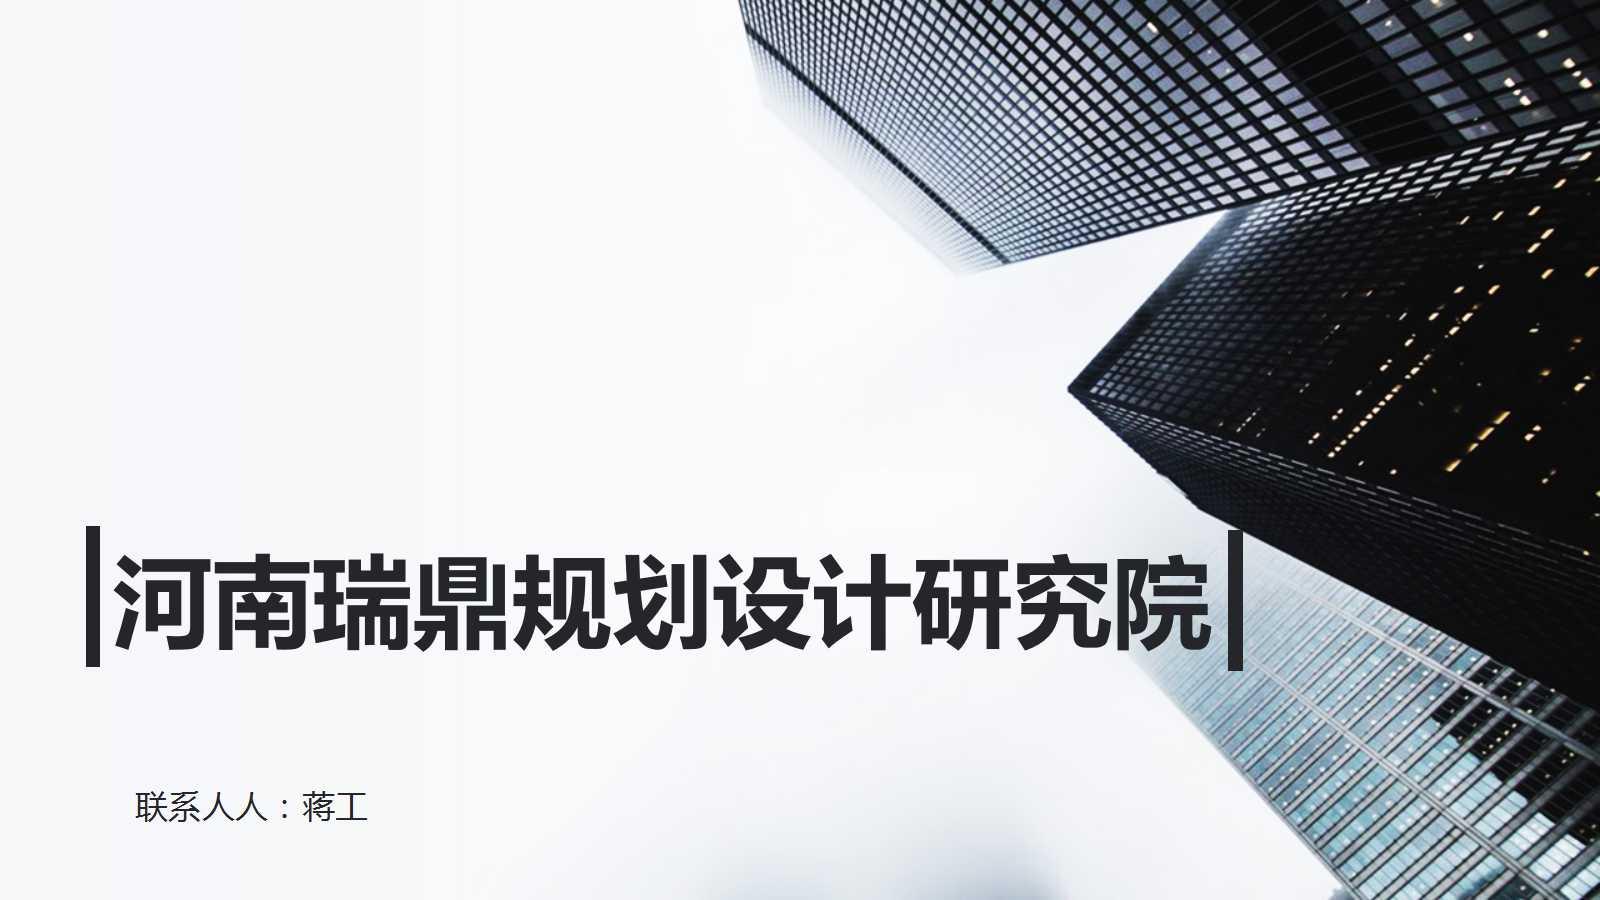 丽江市宁蒗彝族自治县修建性详细规划设计优质单位修建性详细规划设计企业